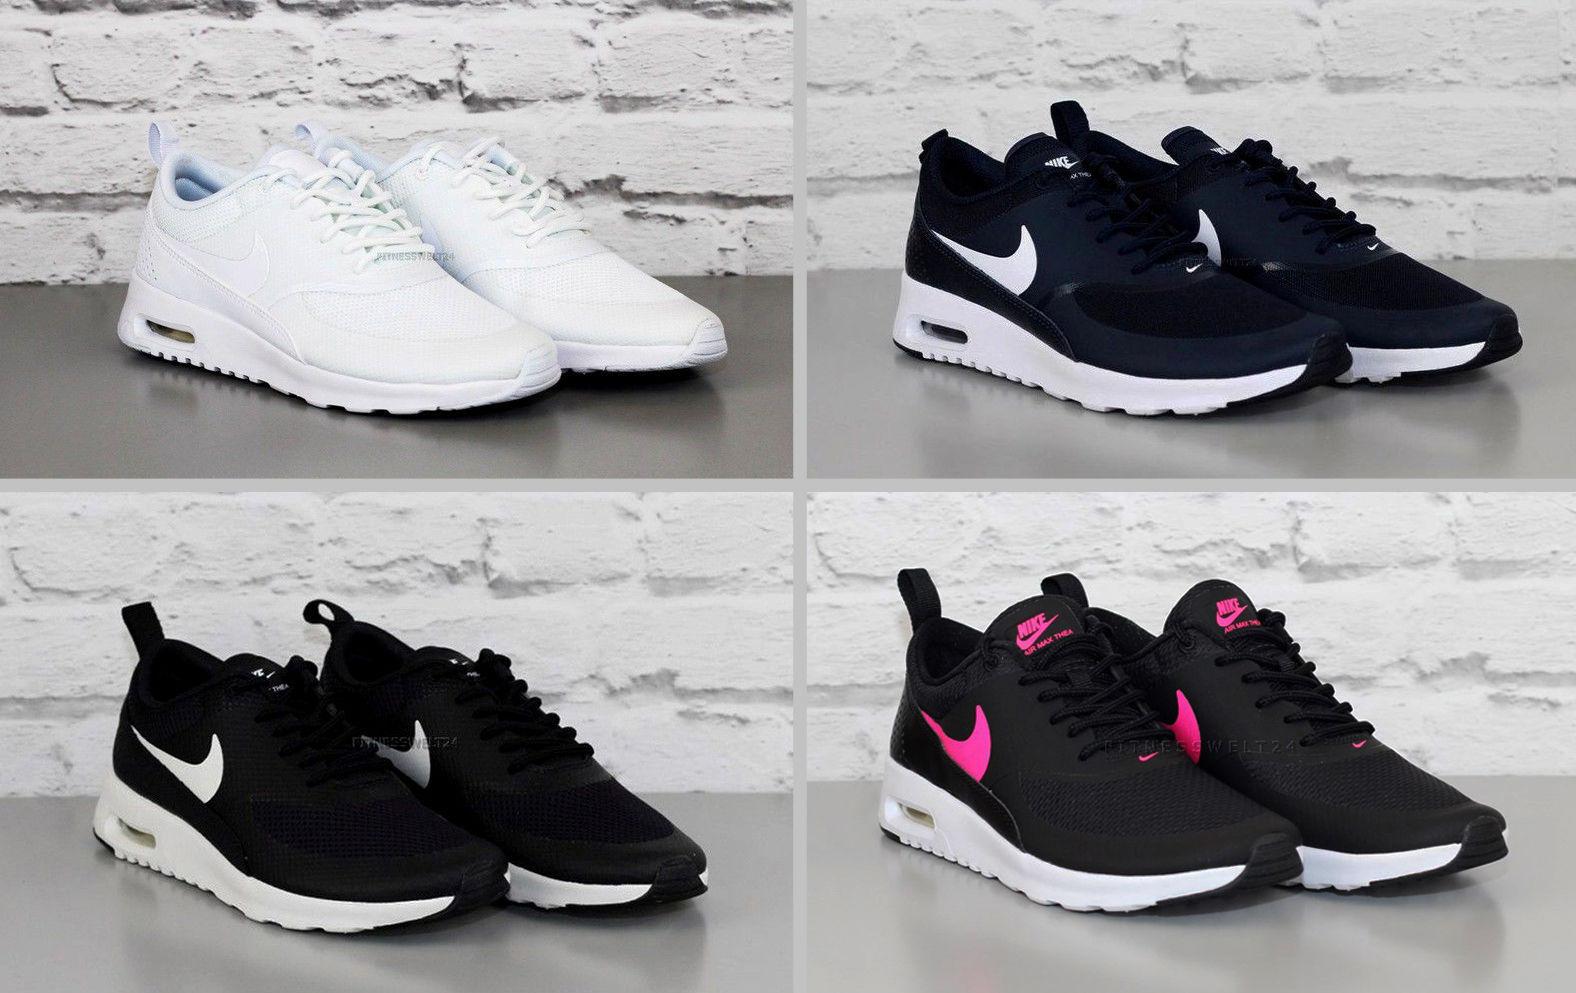 ... il nostro businessSoddisfazione Garantita. Scarpe da ginnastica. la  migliore qualità. Nike Air Max Thea. Colore  Bianco navy nero 0f12e415e29